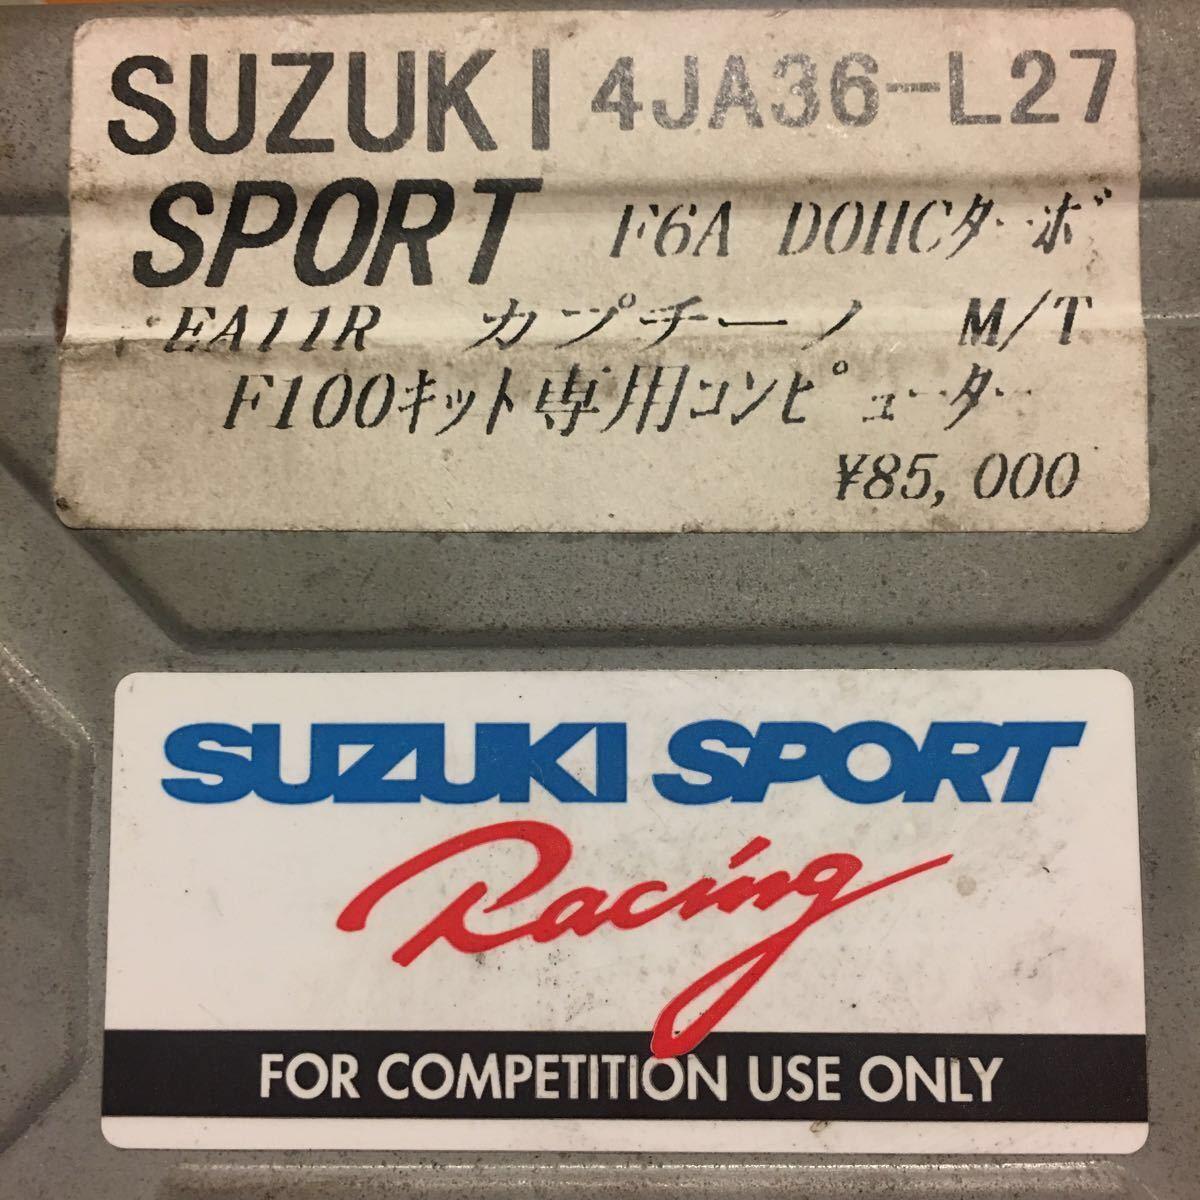 スズキスポーツ F100 キット専用コンピューター 295ccインジェクター カプチーノ EA11R AZ-1 F6A SUZUKI SPORT ECU _画像6